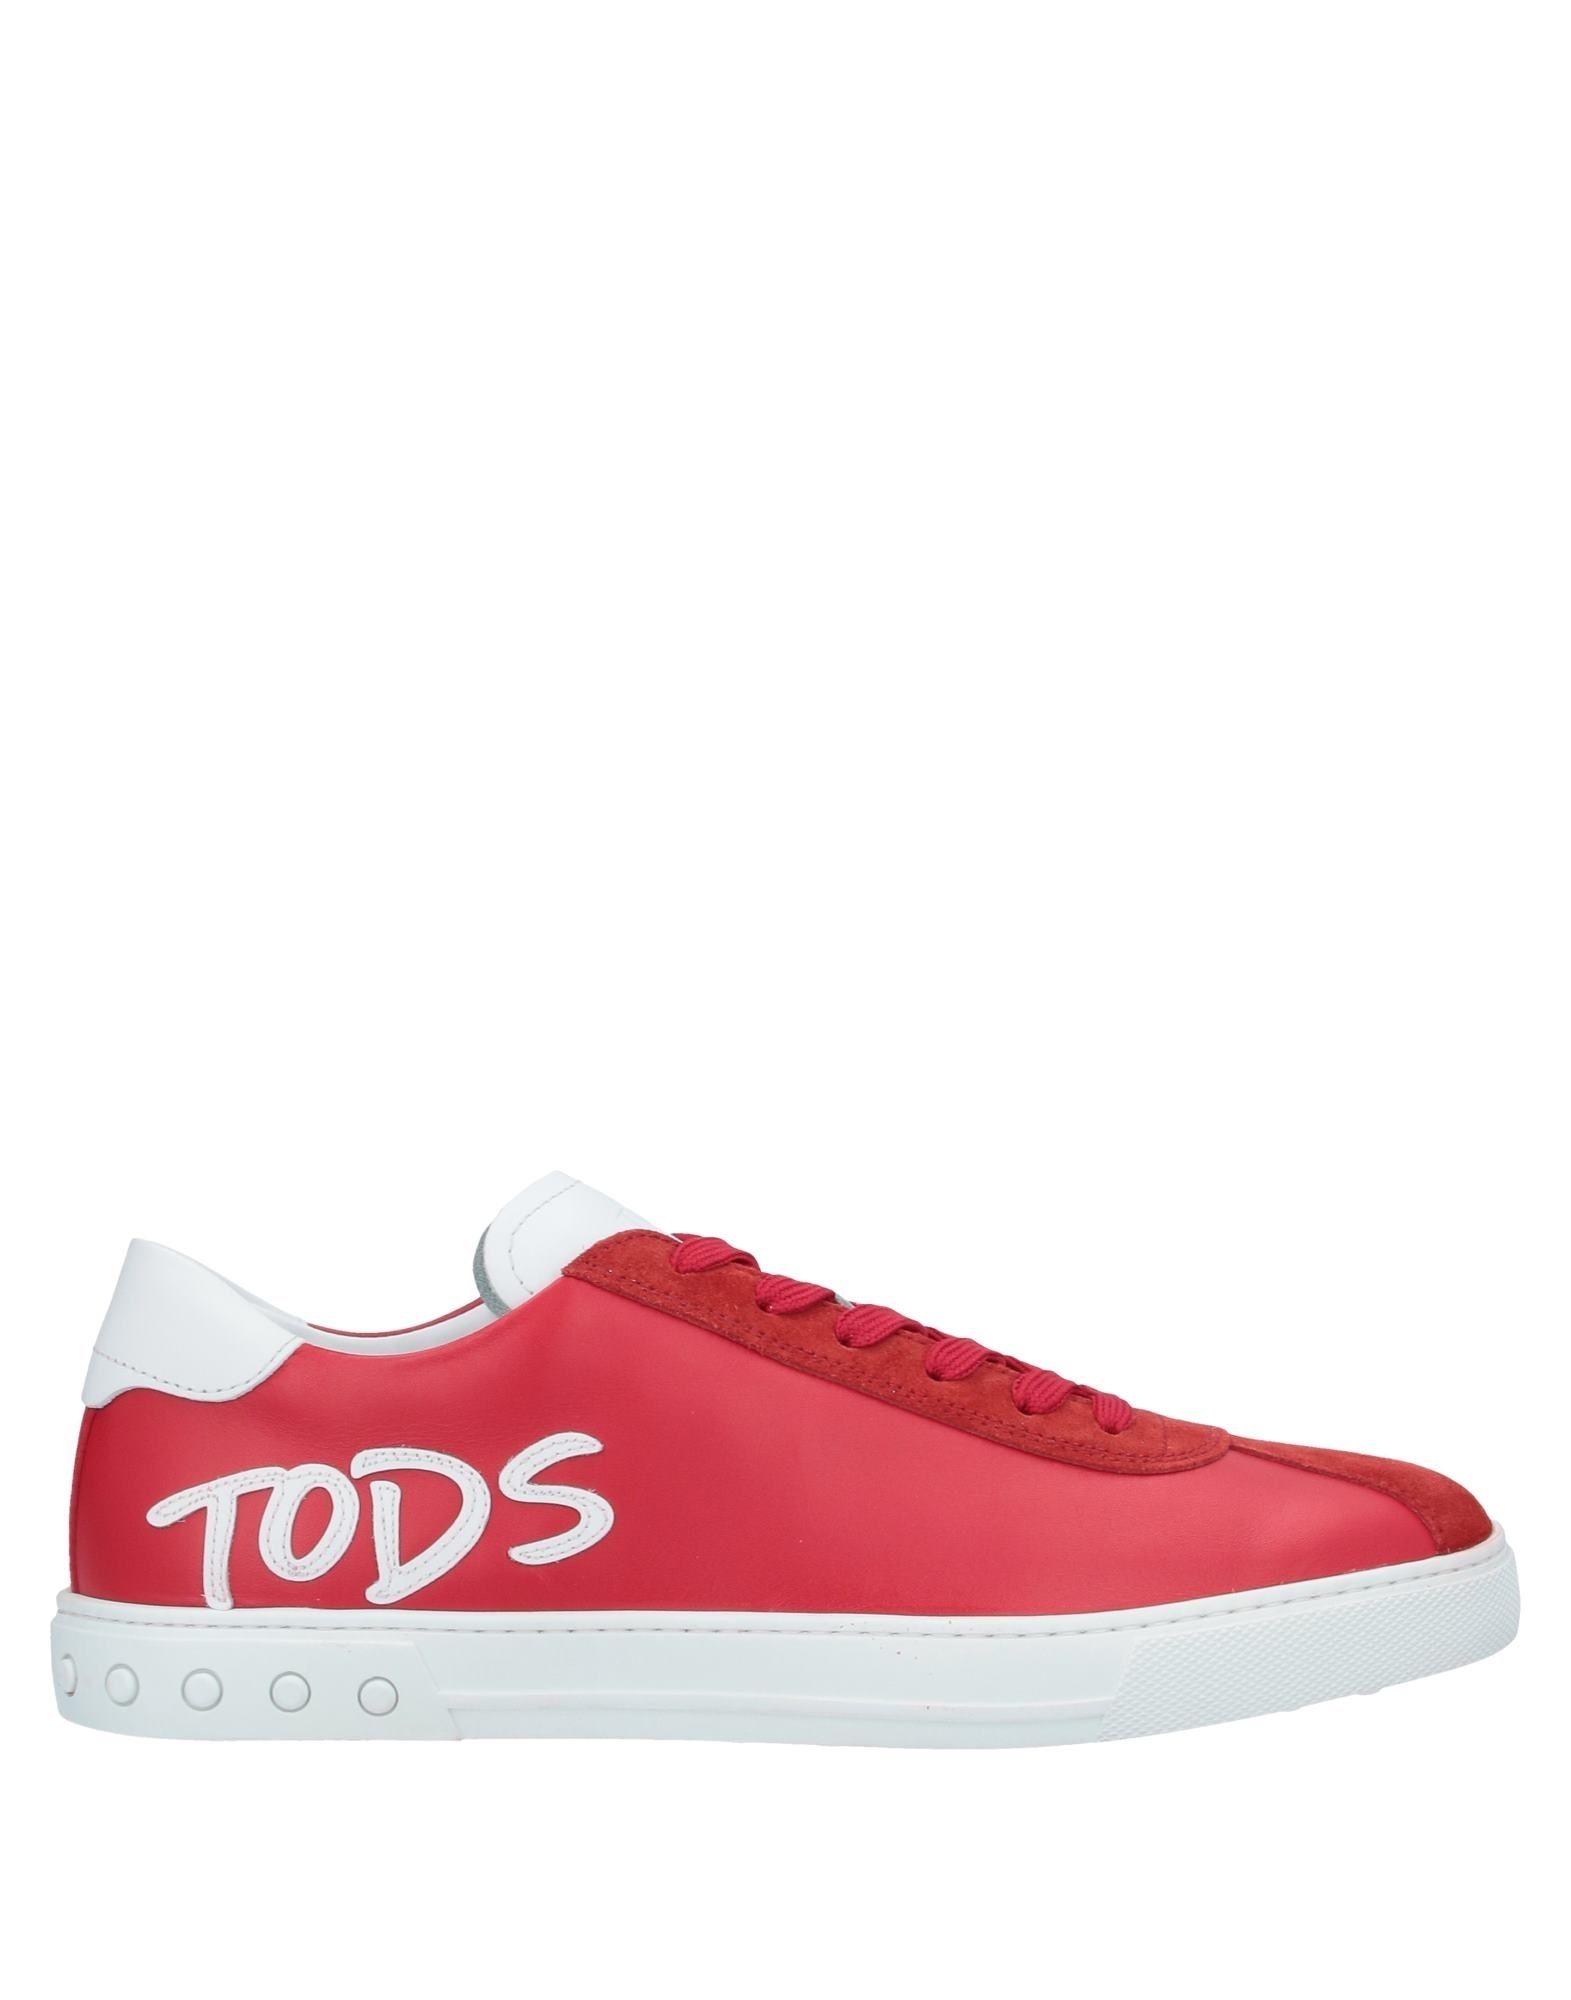 TOD'S トッズ メンズ スニーカー&テニスシューズ(ローカット) レッド